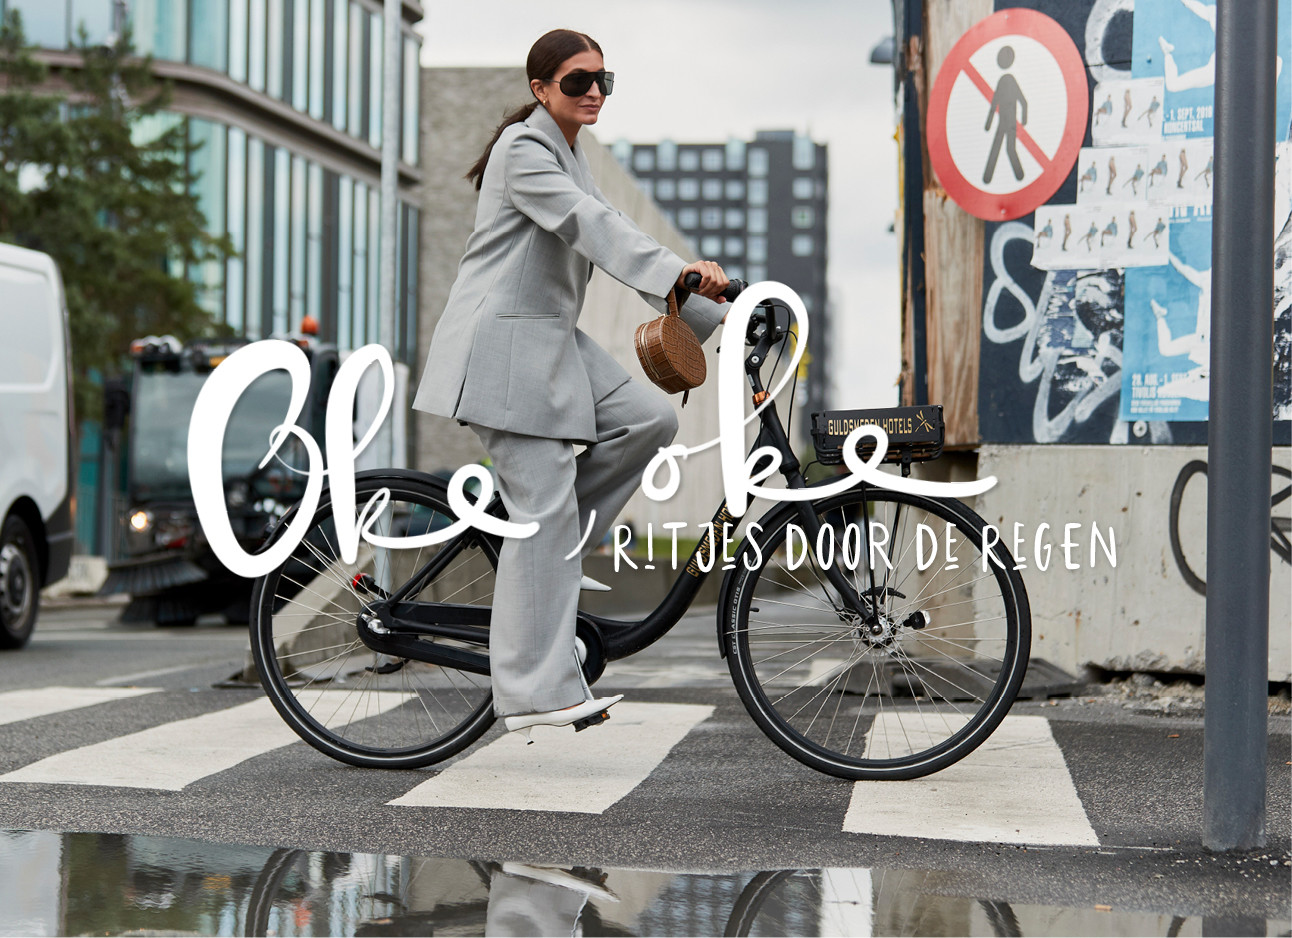 vrouw op de fiets door de regen in een grijs pak met een grote grijze zonnebril